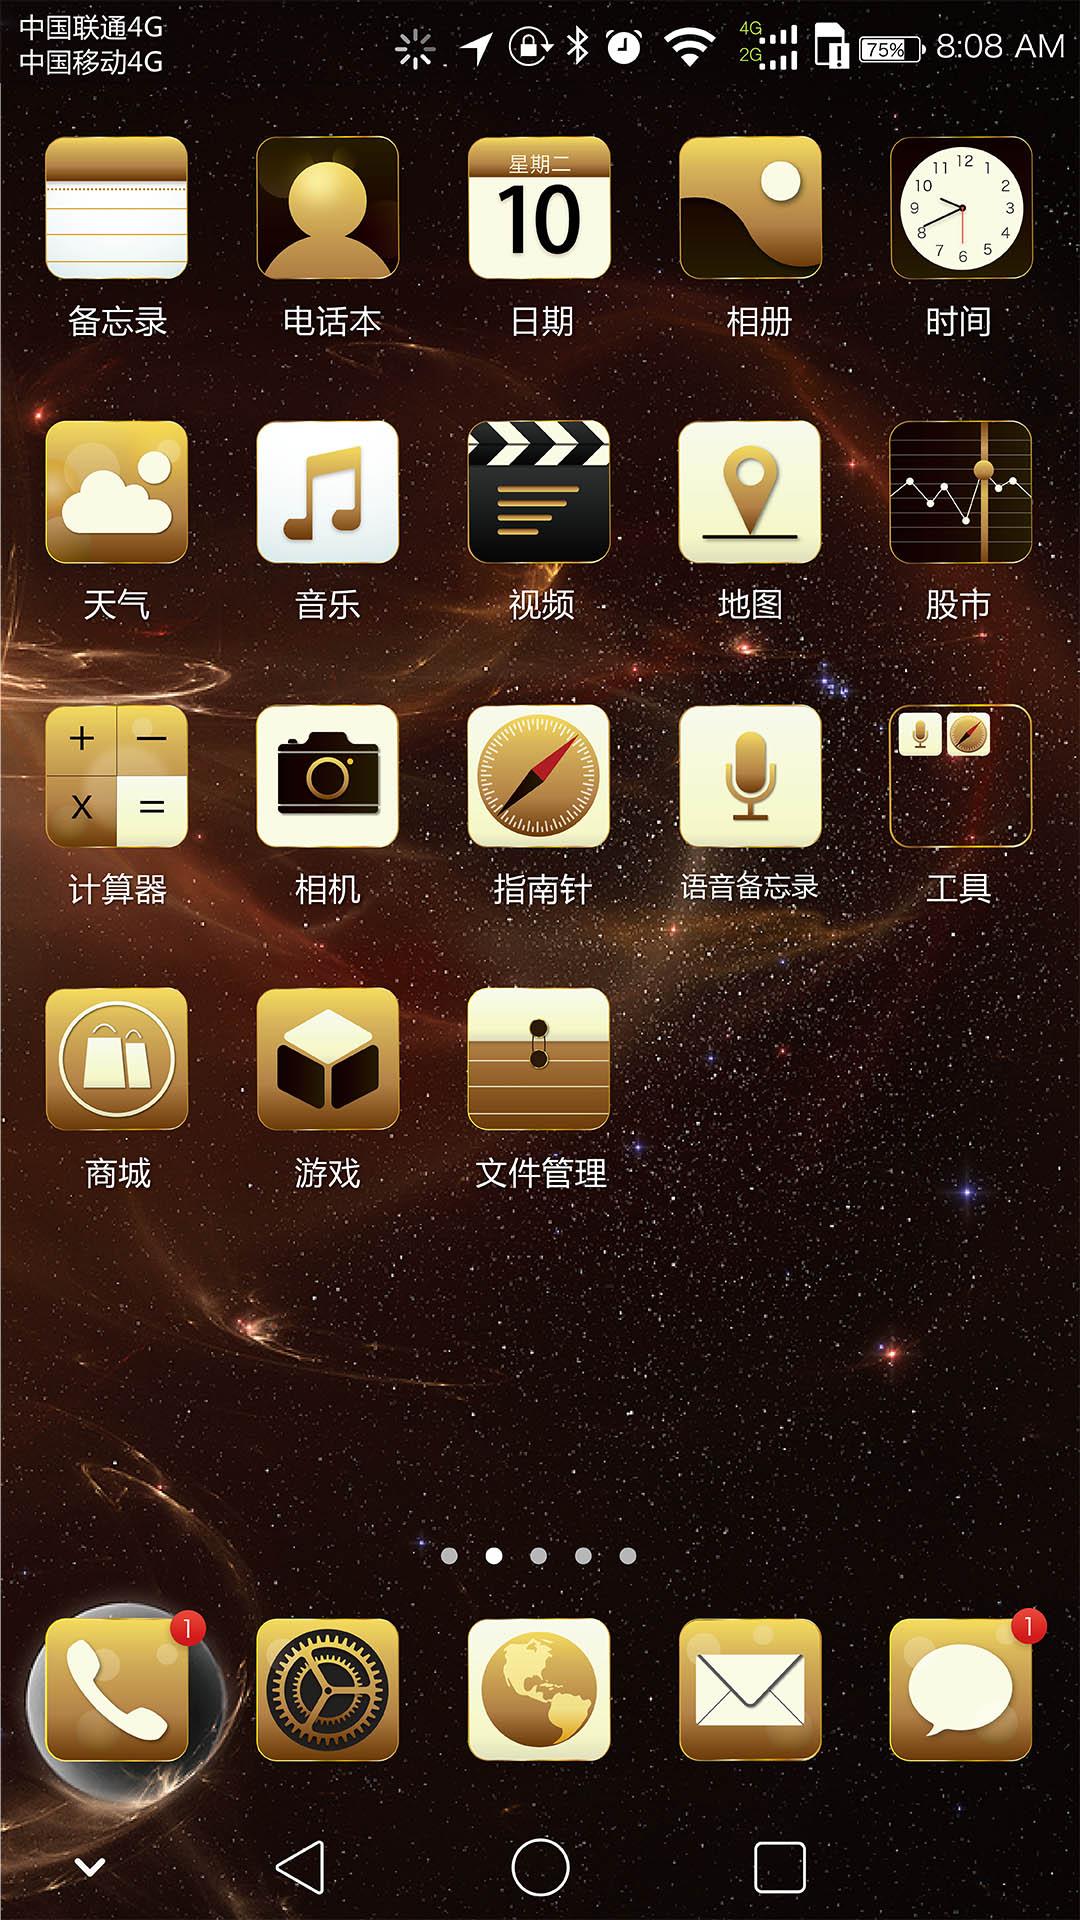 安卓手機系統開發UI界面設計